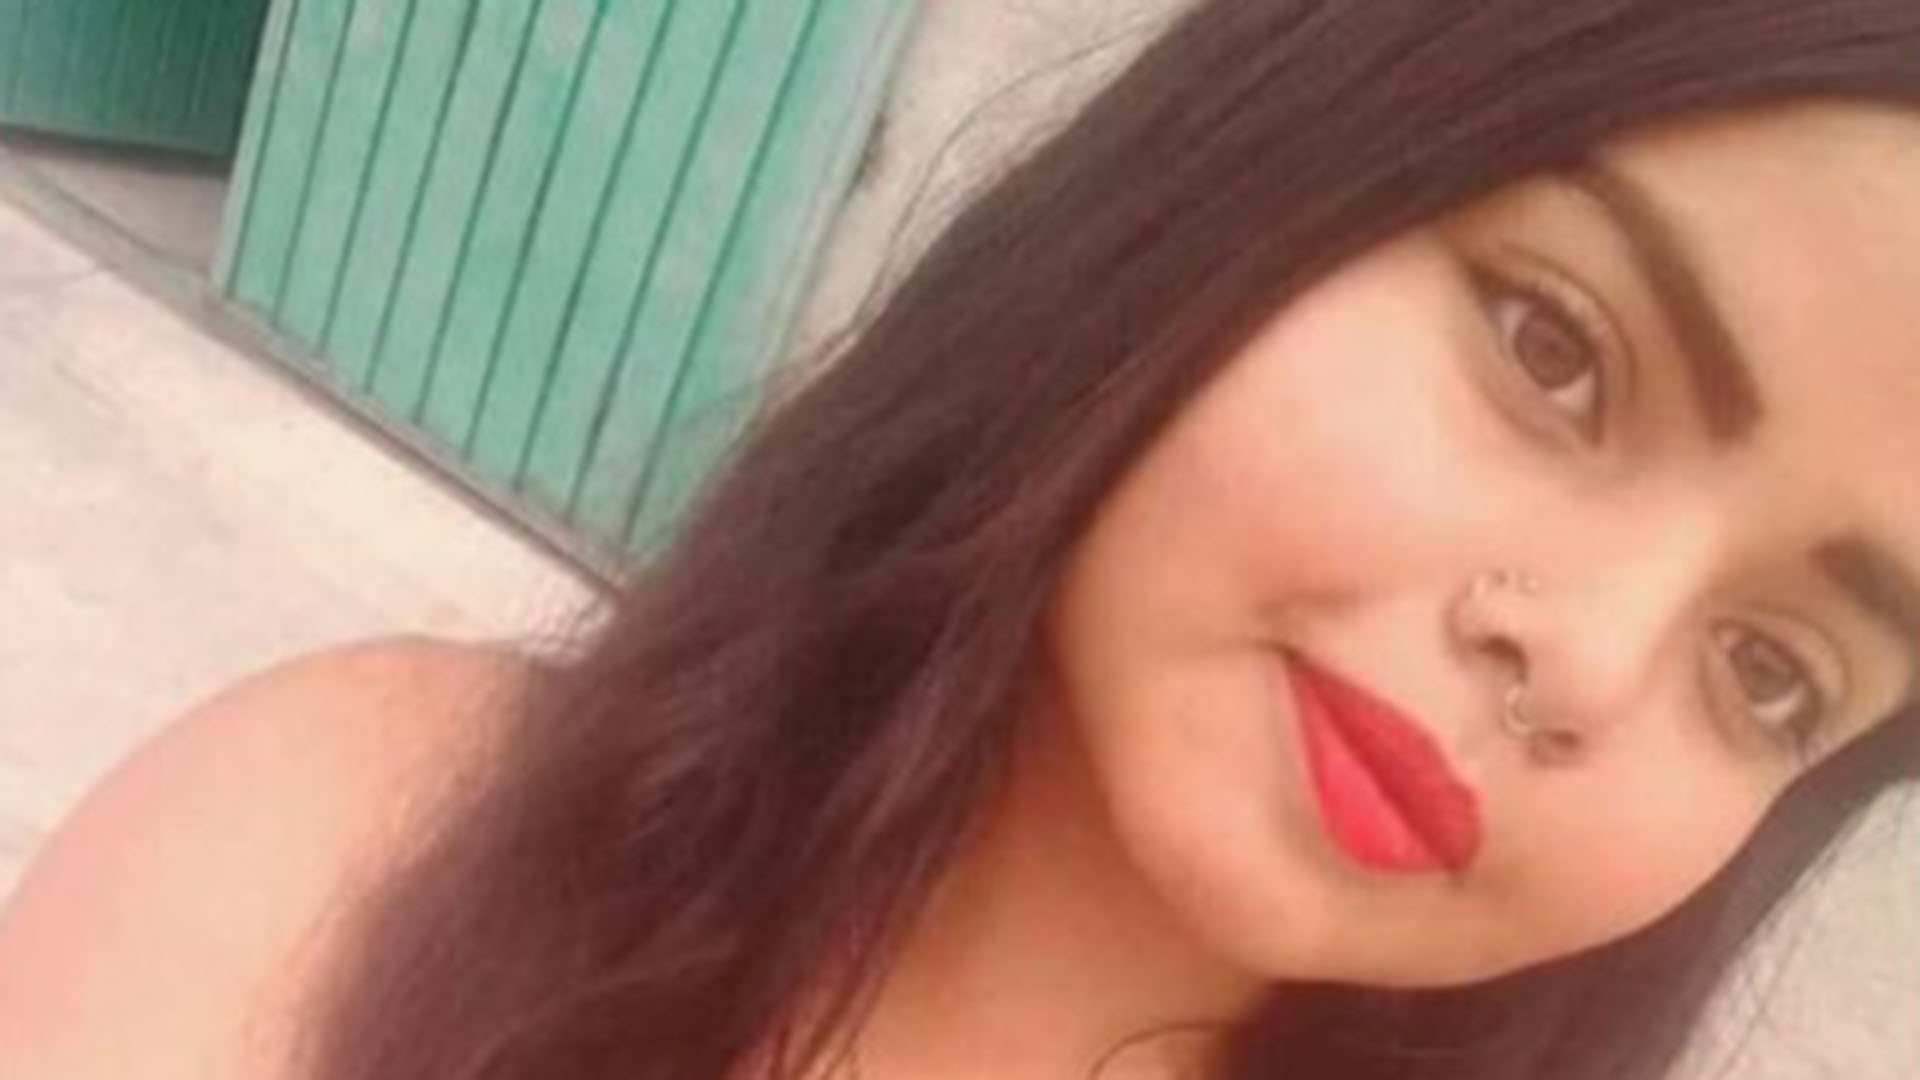 Ano De Chica Adolescente Desnuda terror en edomex: alexandra tenía 15 años, fue brutalmente